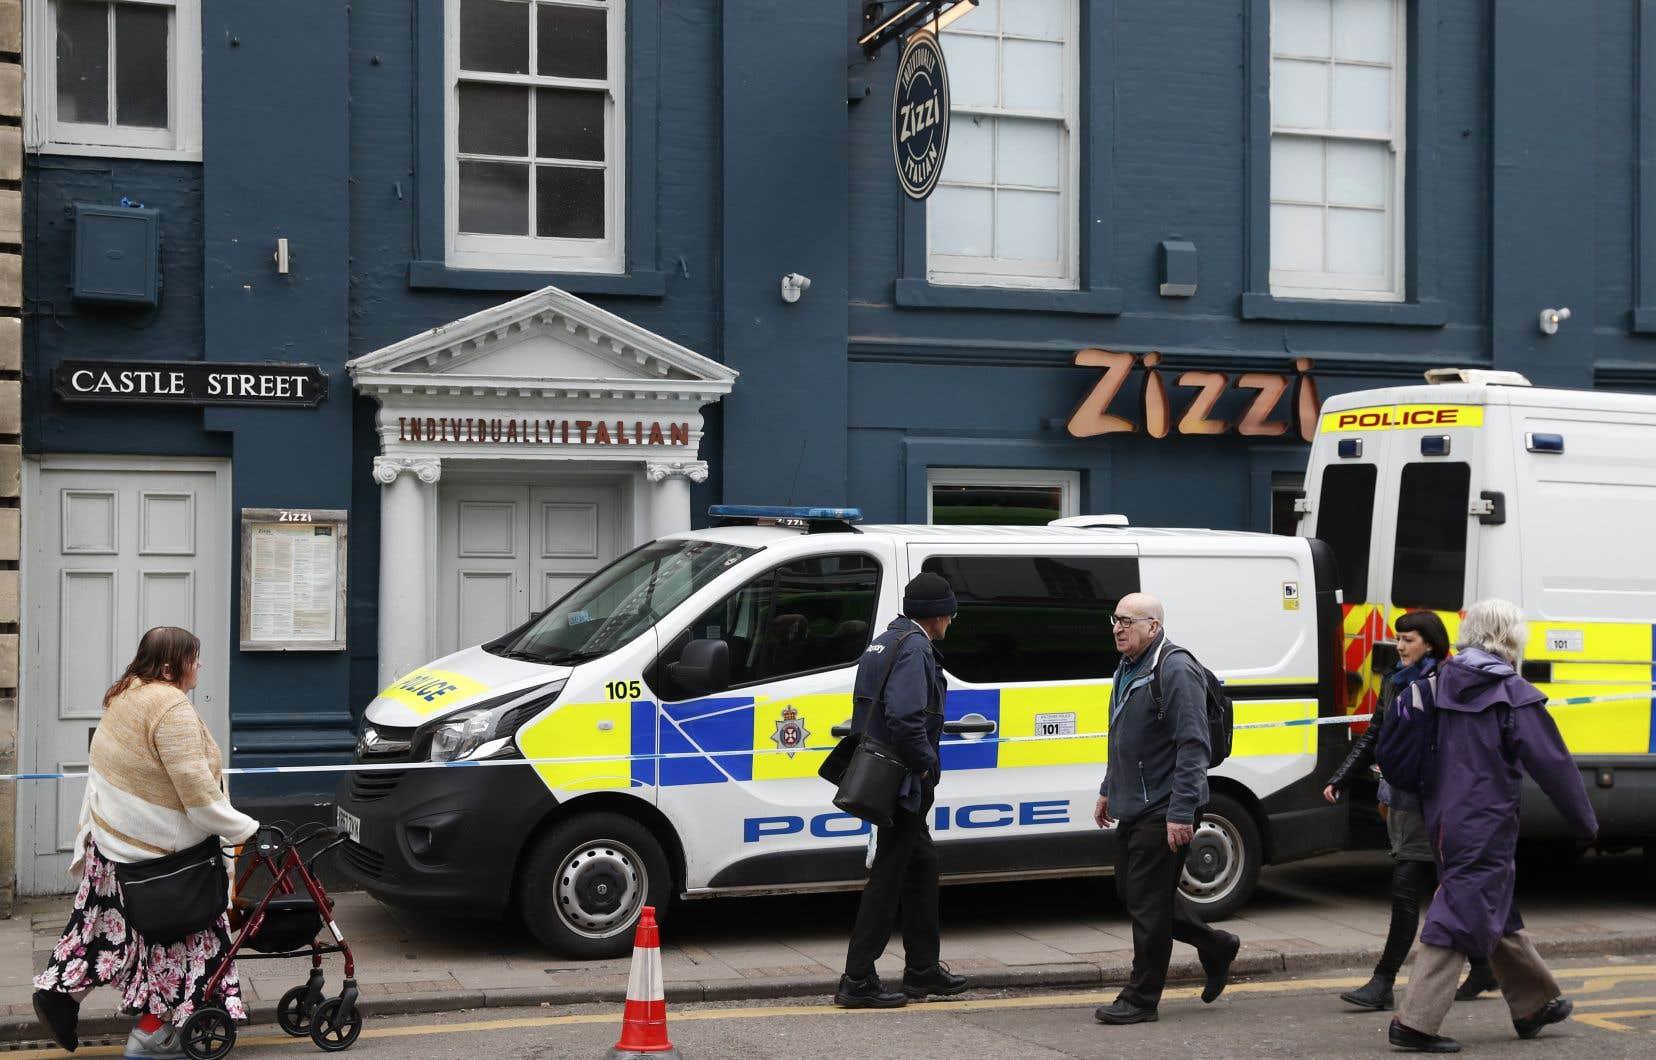 Les piétons passent devant le centre commercial The Maltings à Salisbury, dans le sud de l'Angleterre, fermé après la découverte d'un homme et d'une femme gravement malades, apparemment empoisonnés.